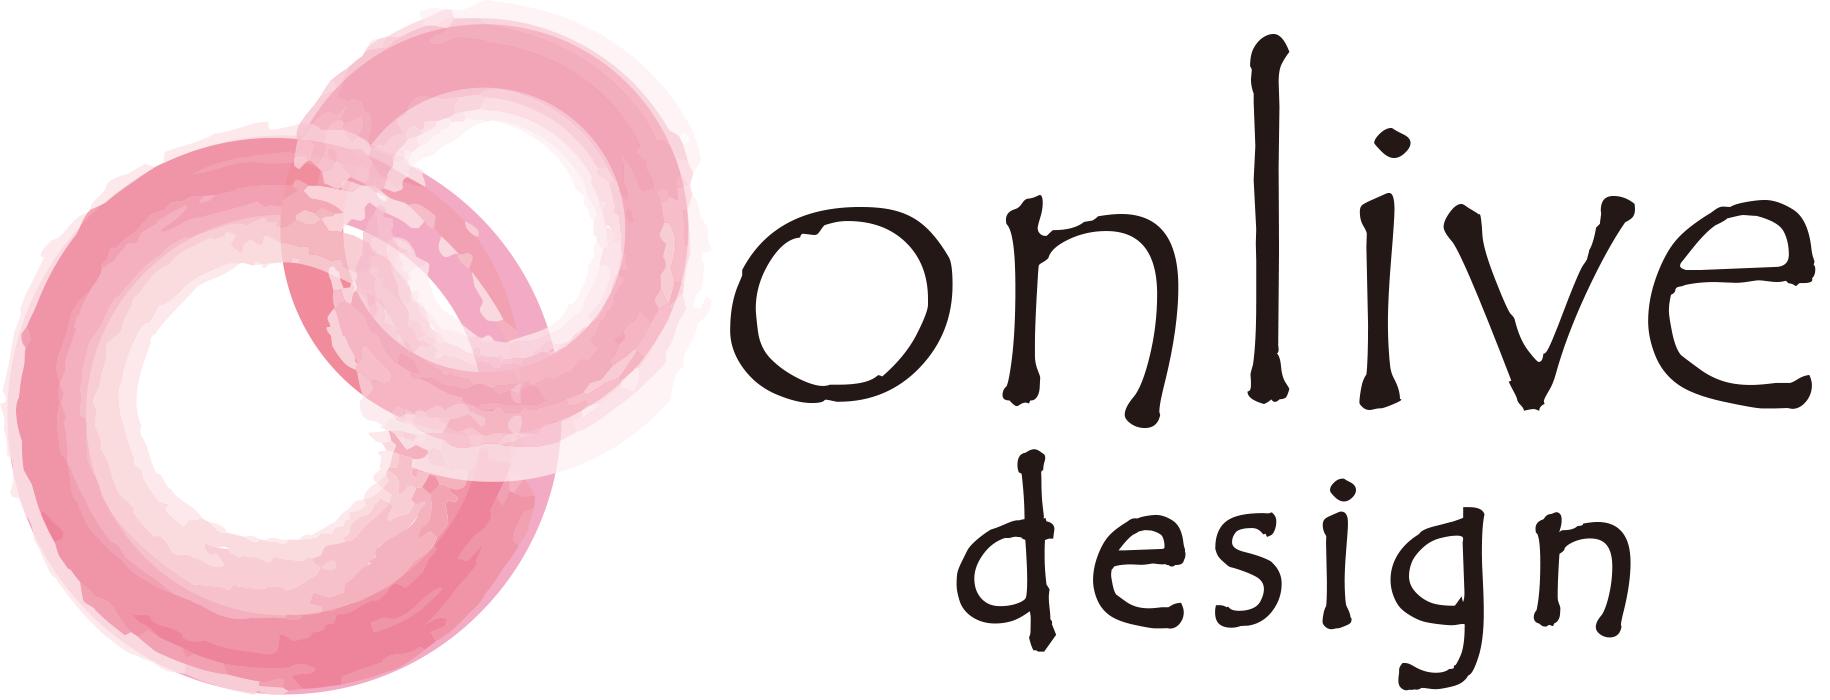 onlive design